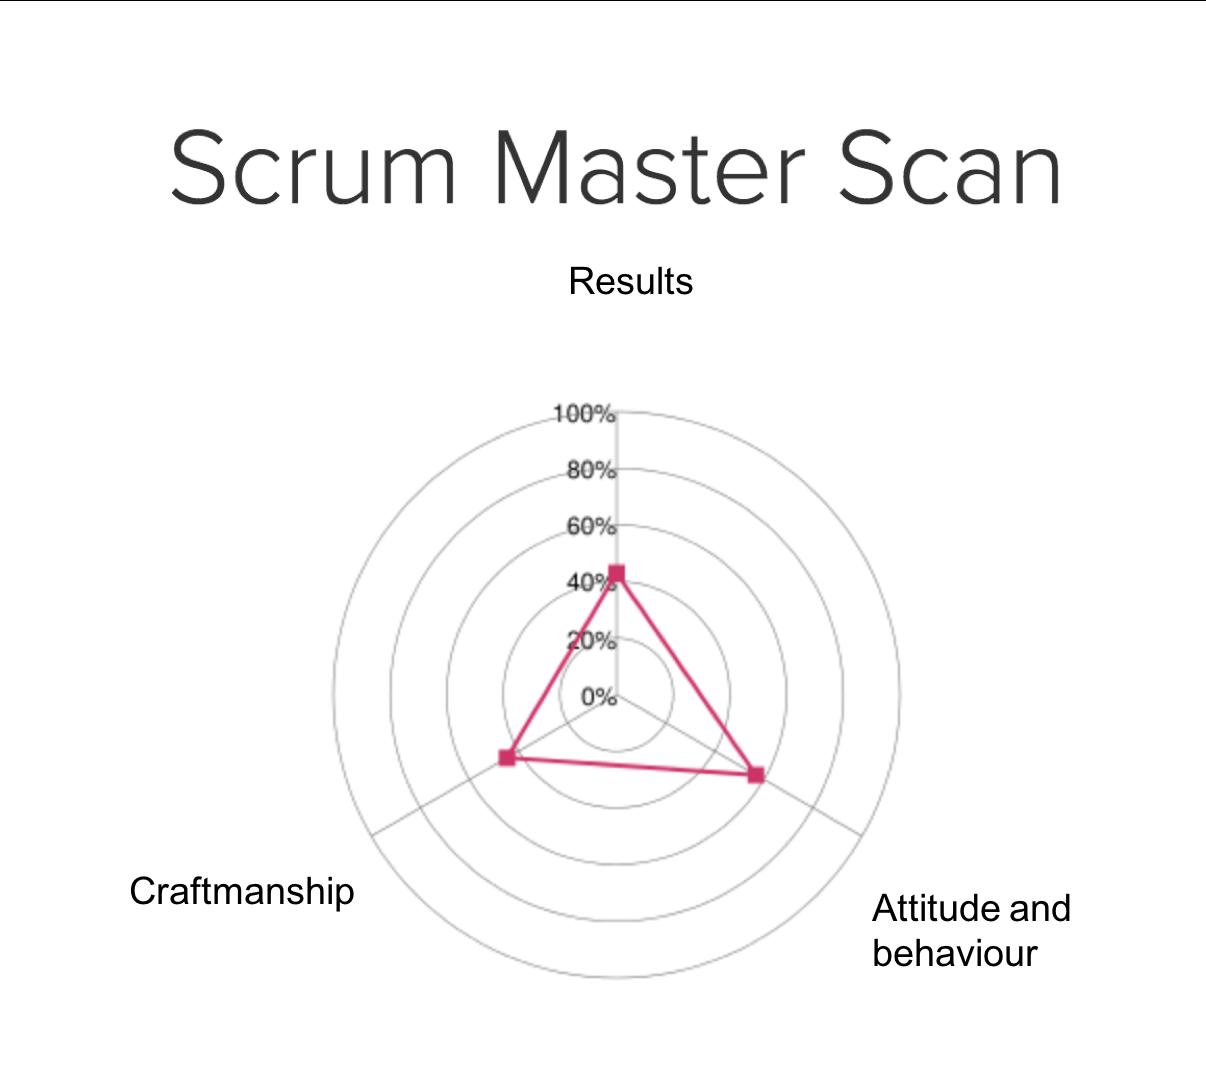 Scrum Master Scan